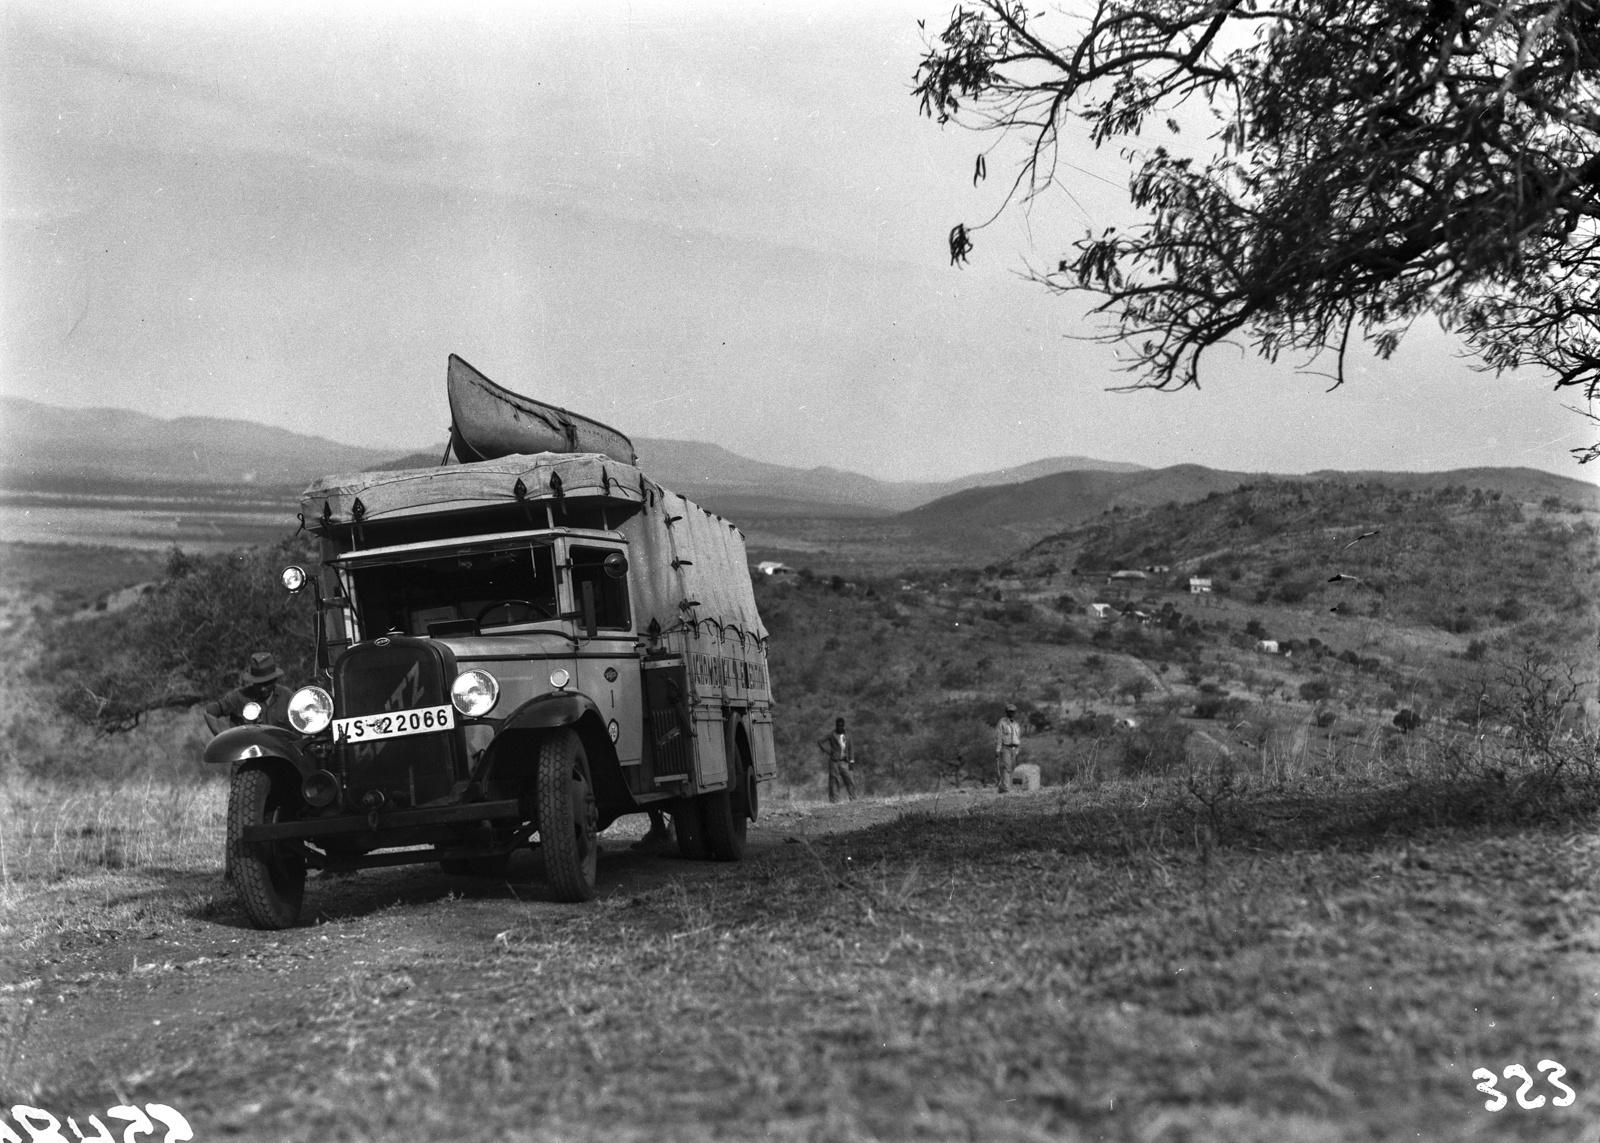 Южно-Африканский Союз. Квазулу-Наталь. Экспедиционный автомобиль